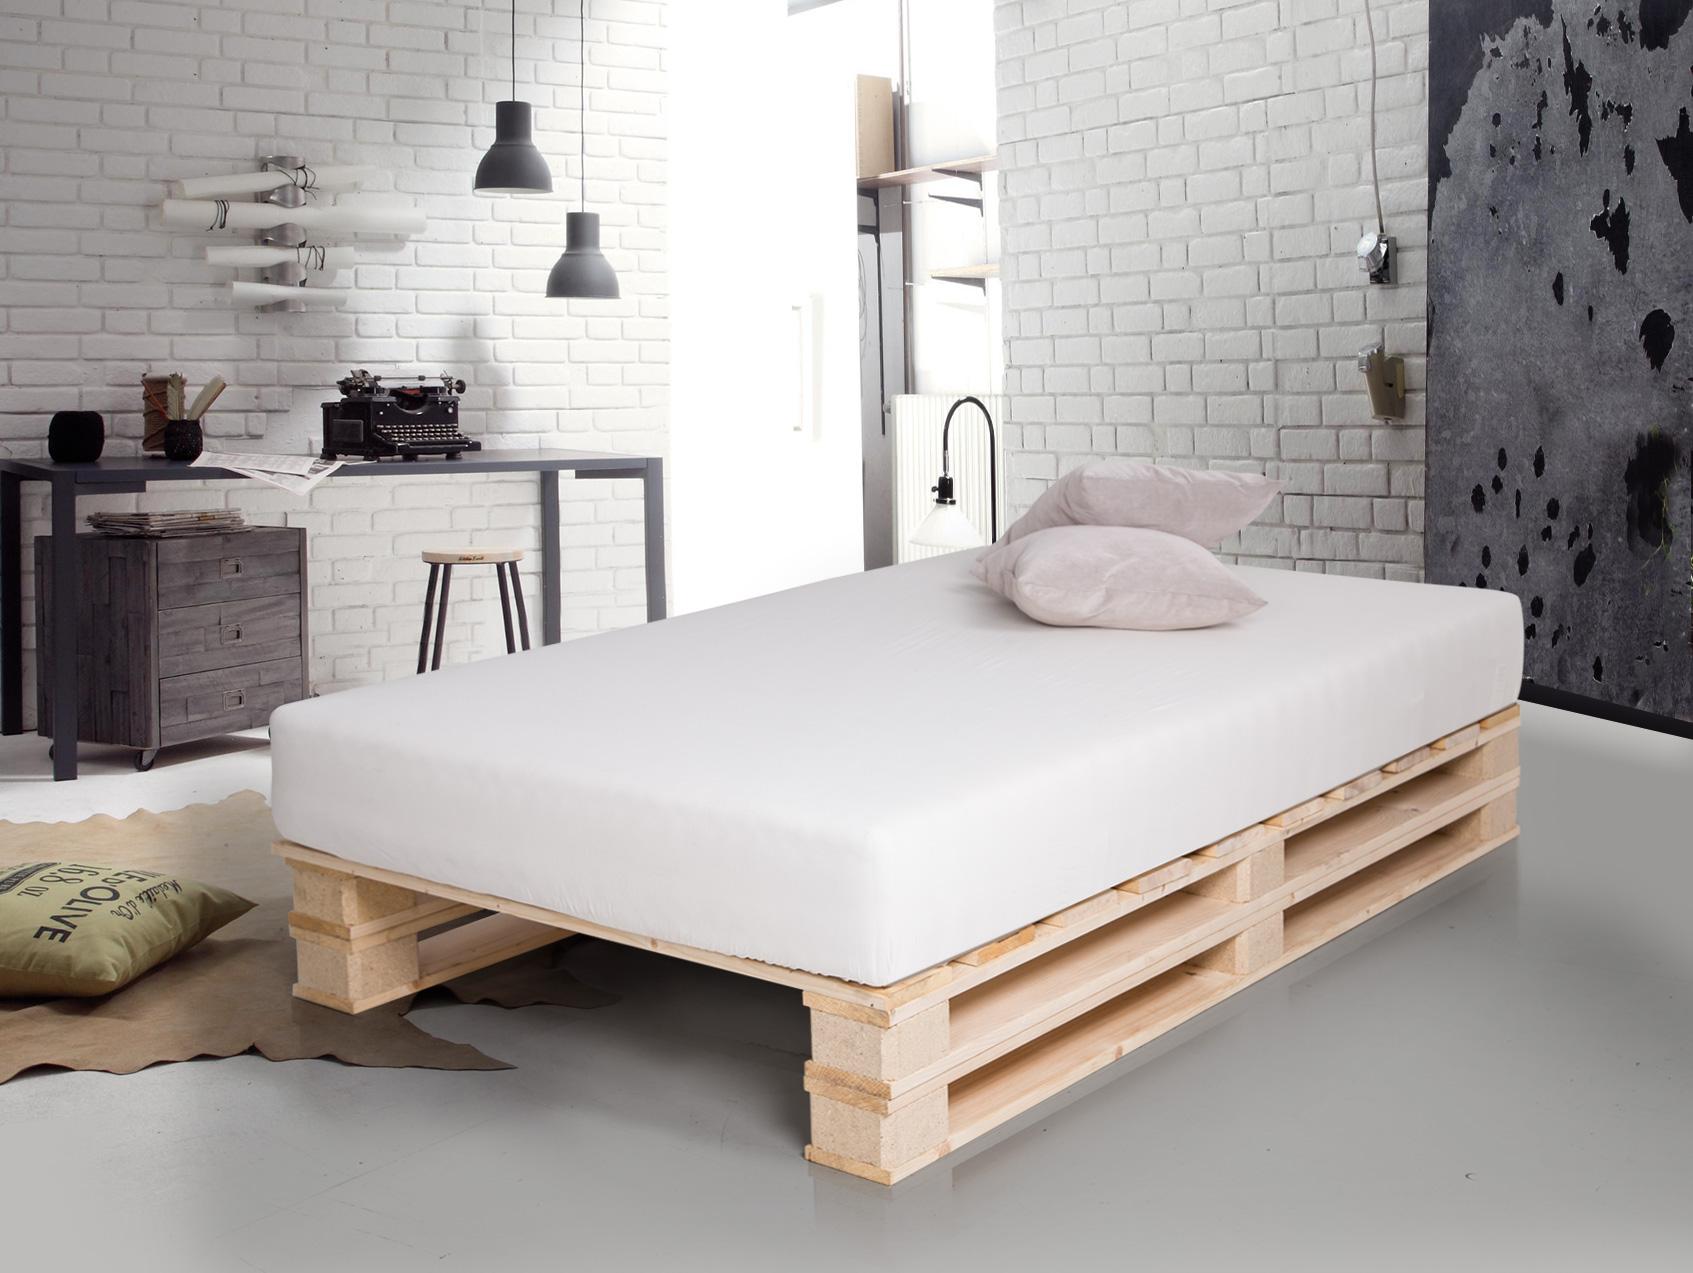 Doppelbett holzbett palettenbett bett 90x200 cm jugendbett paletti ...